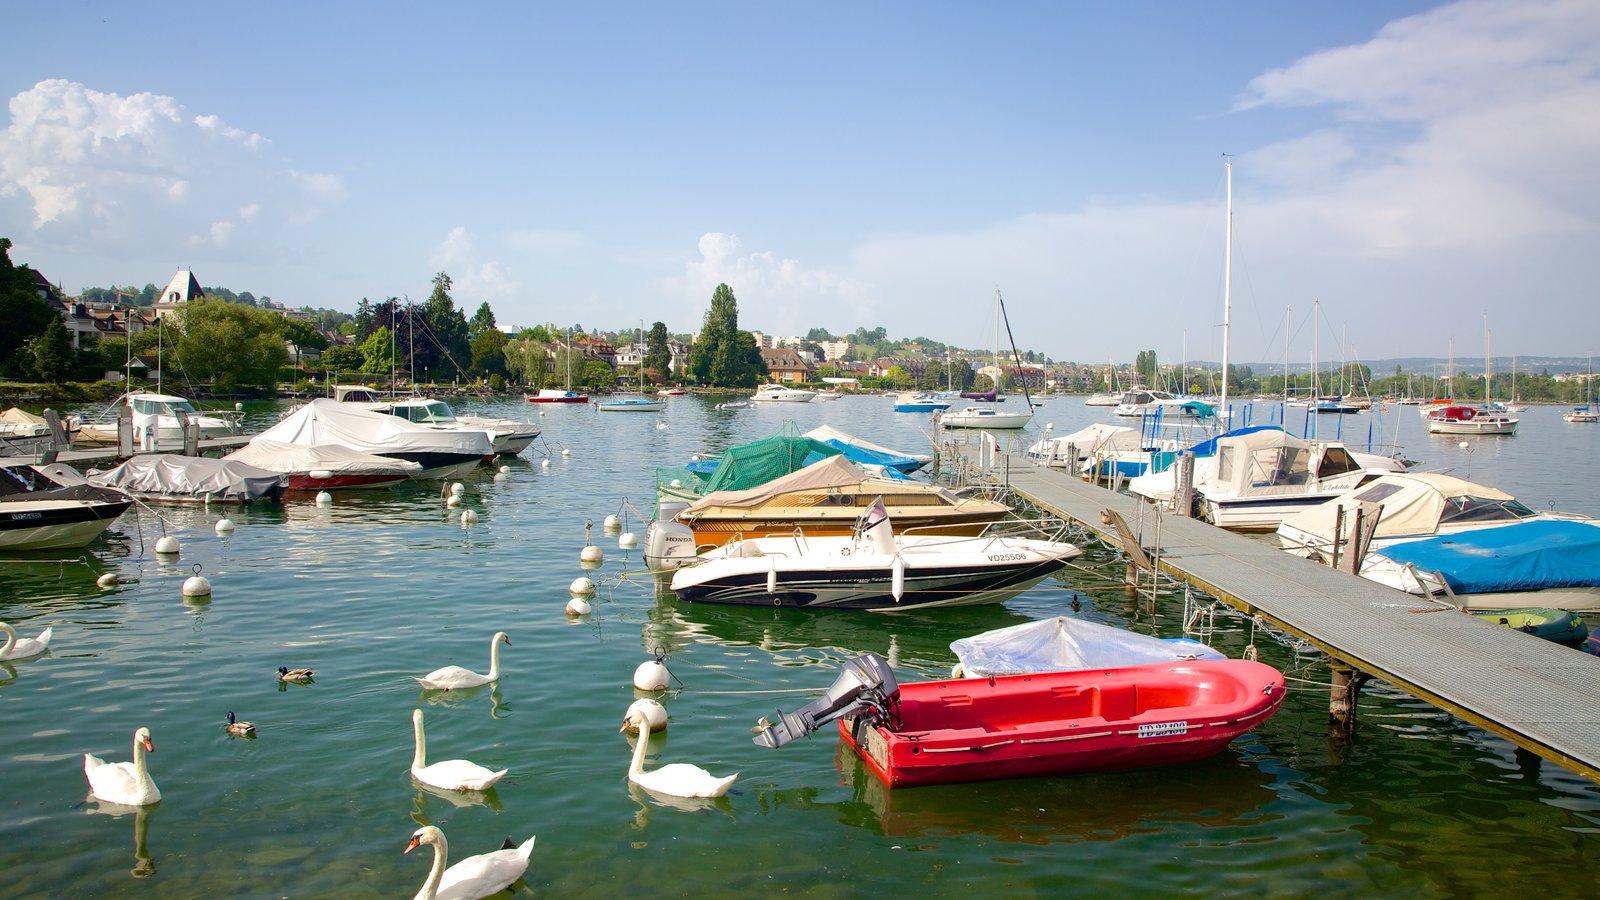 Morges que inclui um lago ou charco, uma baía ou porto e vida das aves